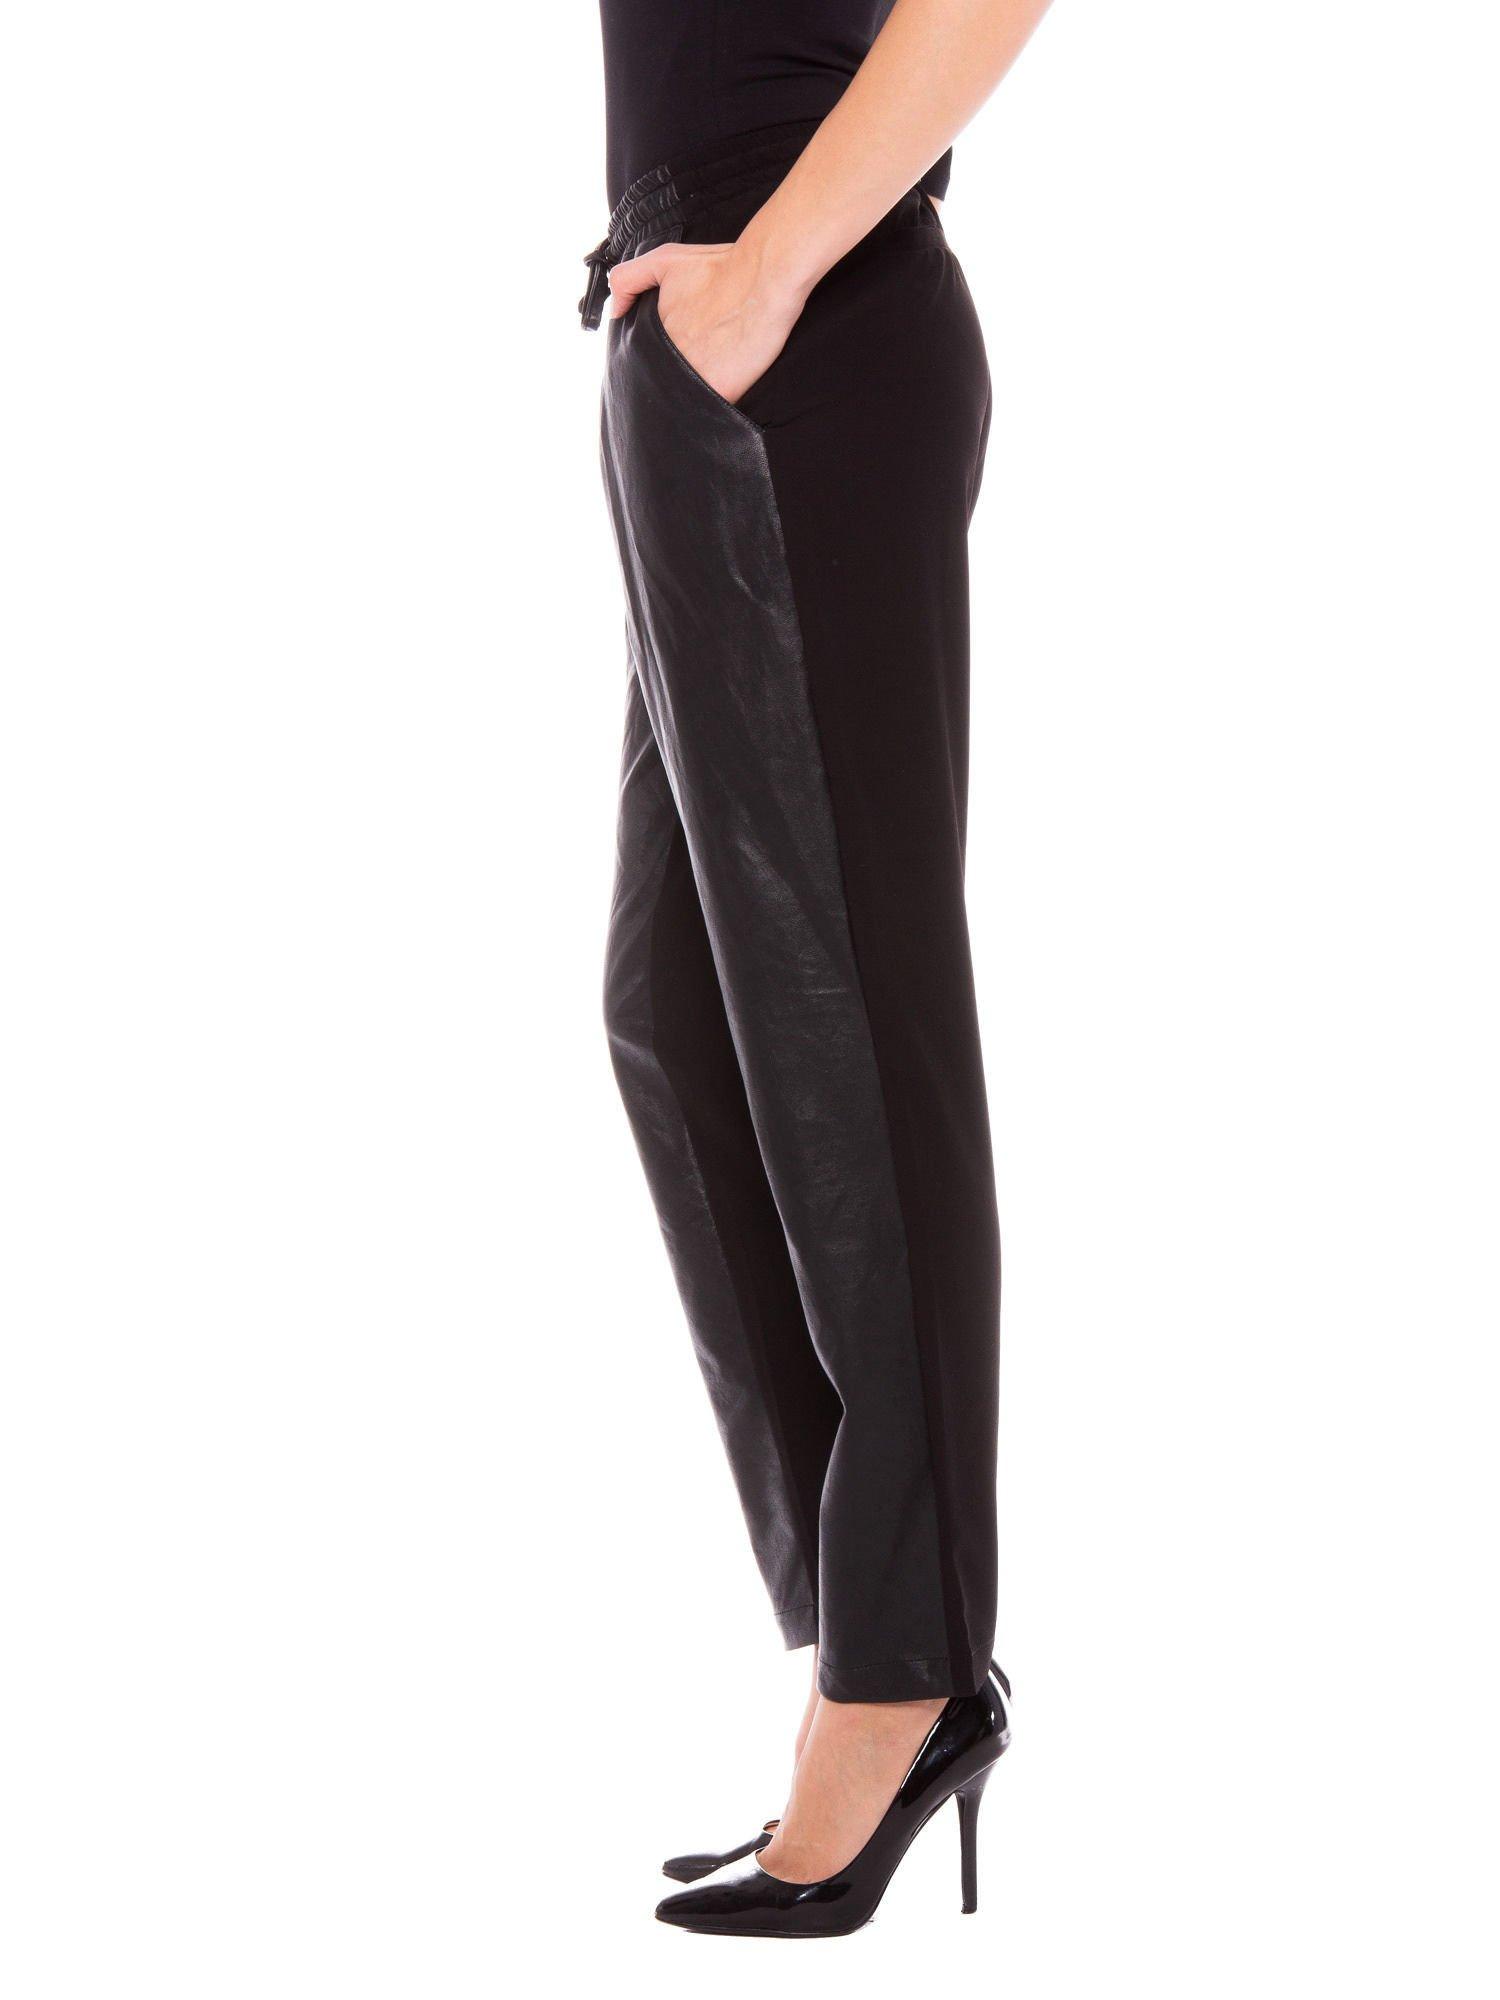 Czarne spodnie dresowe damskie ze skórzanym przodem                                  zdj.                                  3